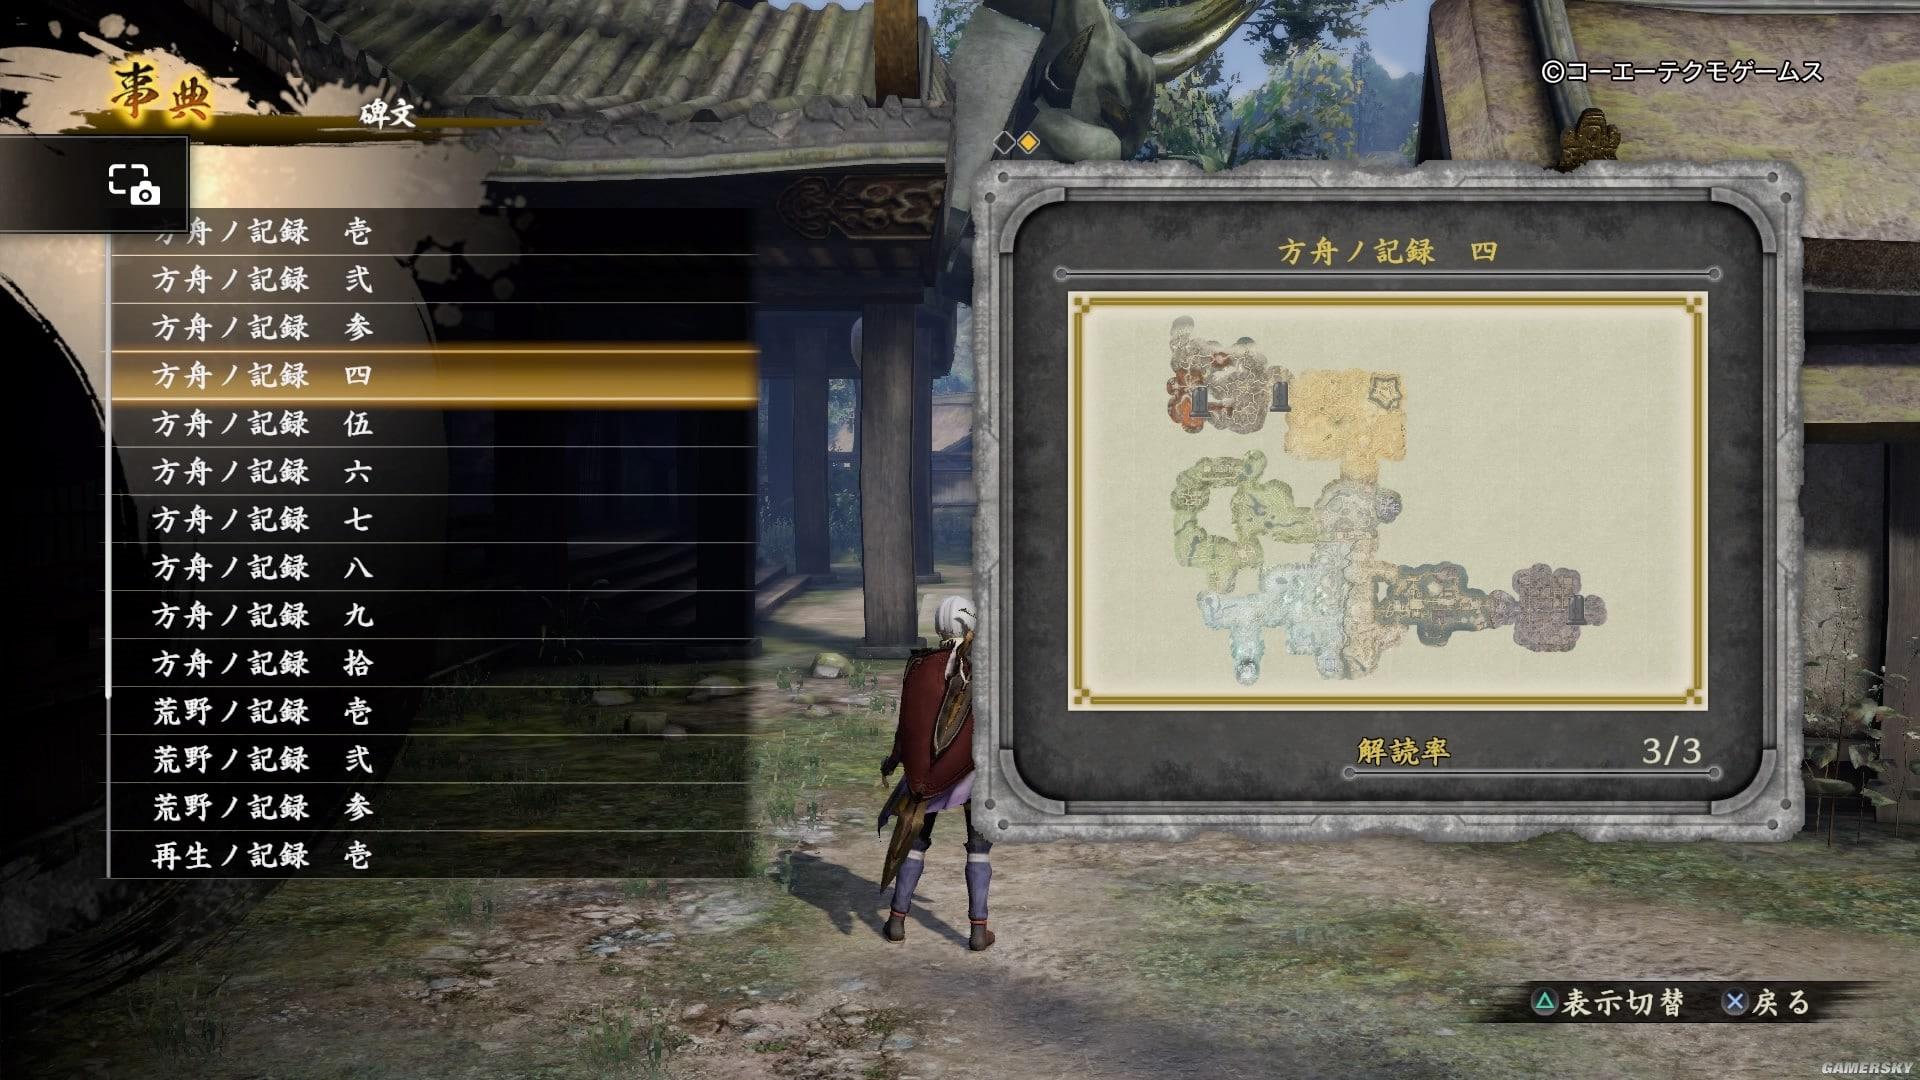 討鬼傳2 全碑文位置圖文分析 碑文在哪